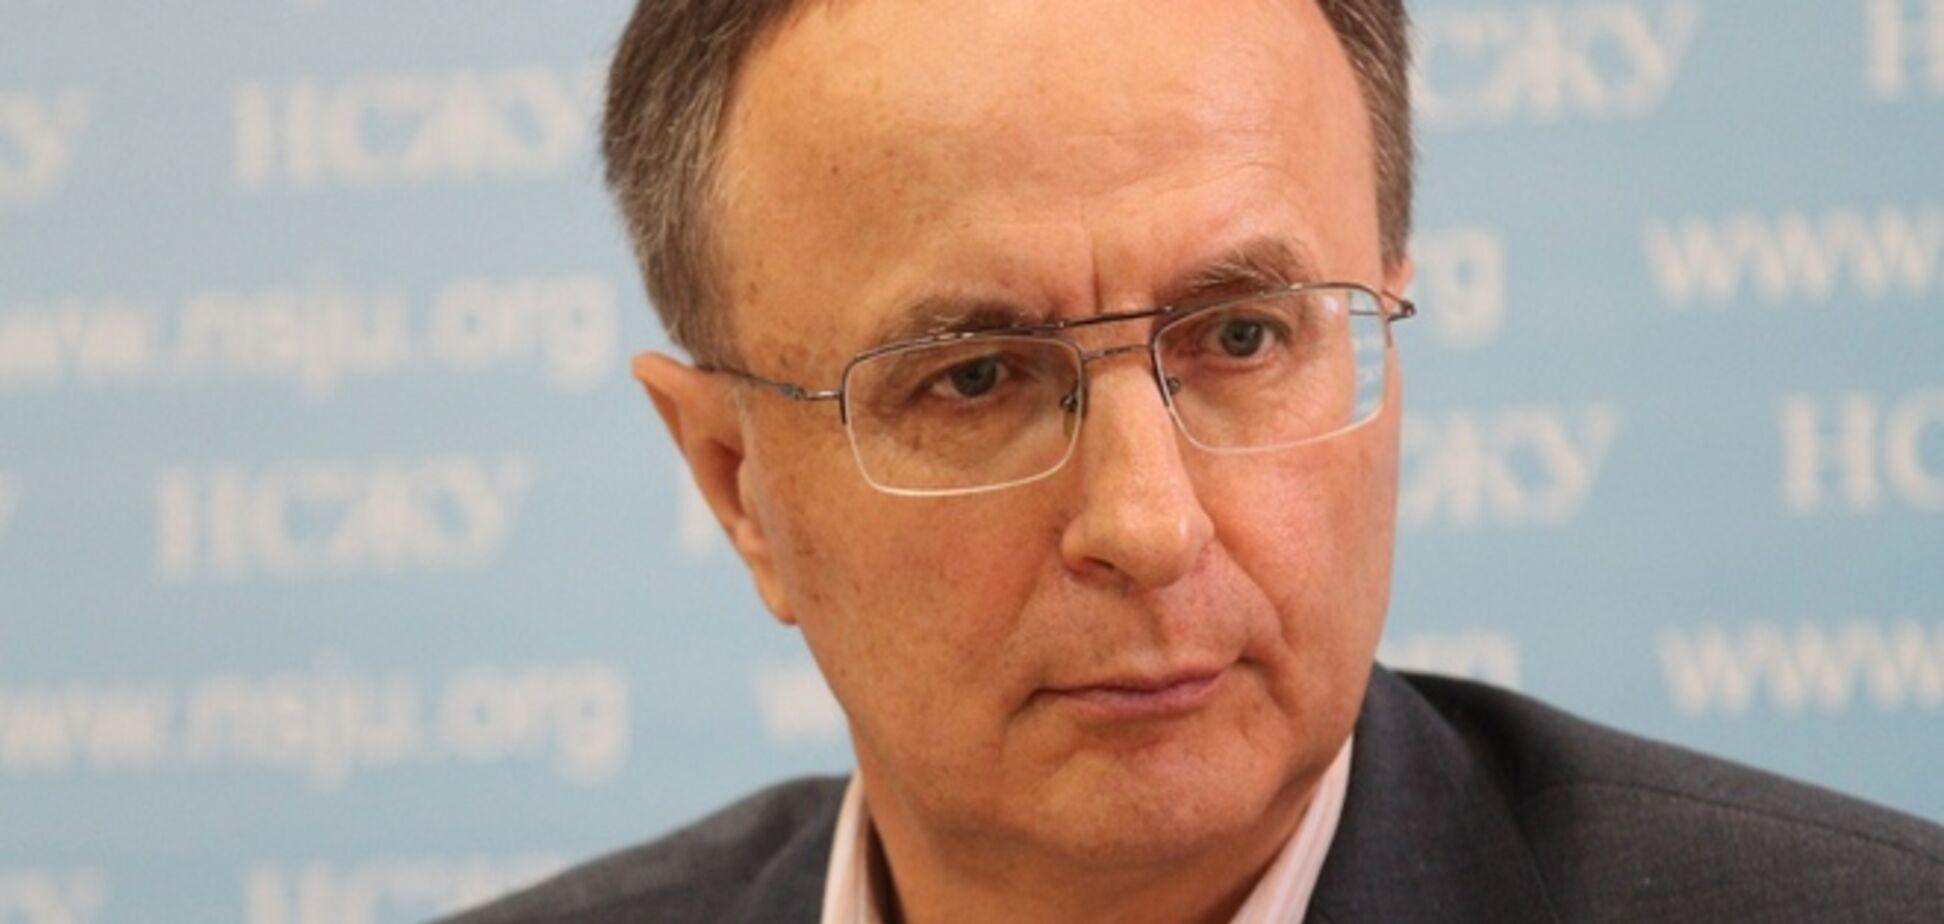 Леонід Косаківський: Київ потребує термінової реанімації. Ч. 1